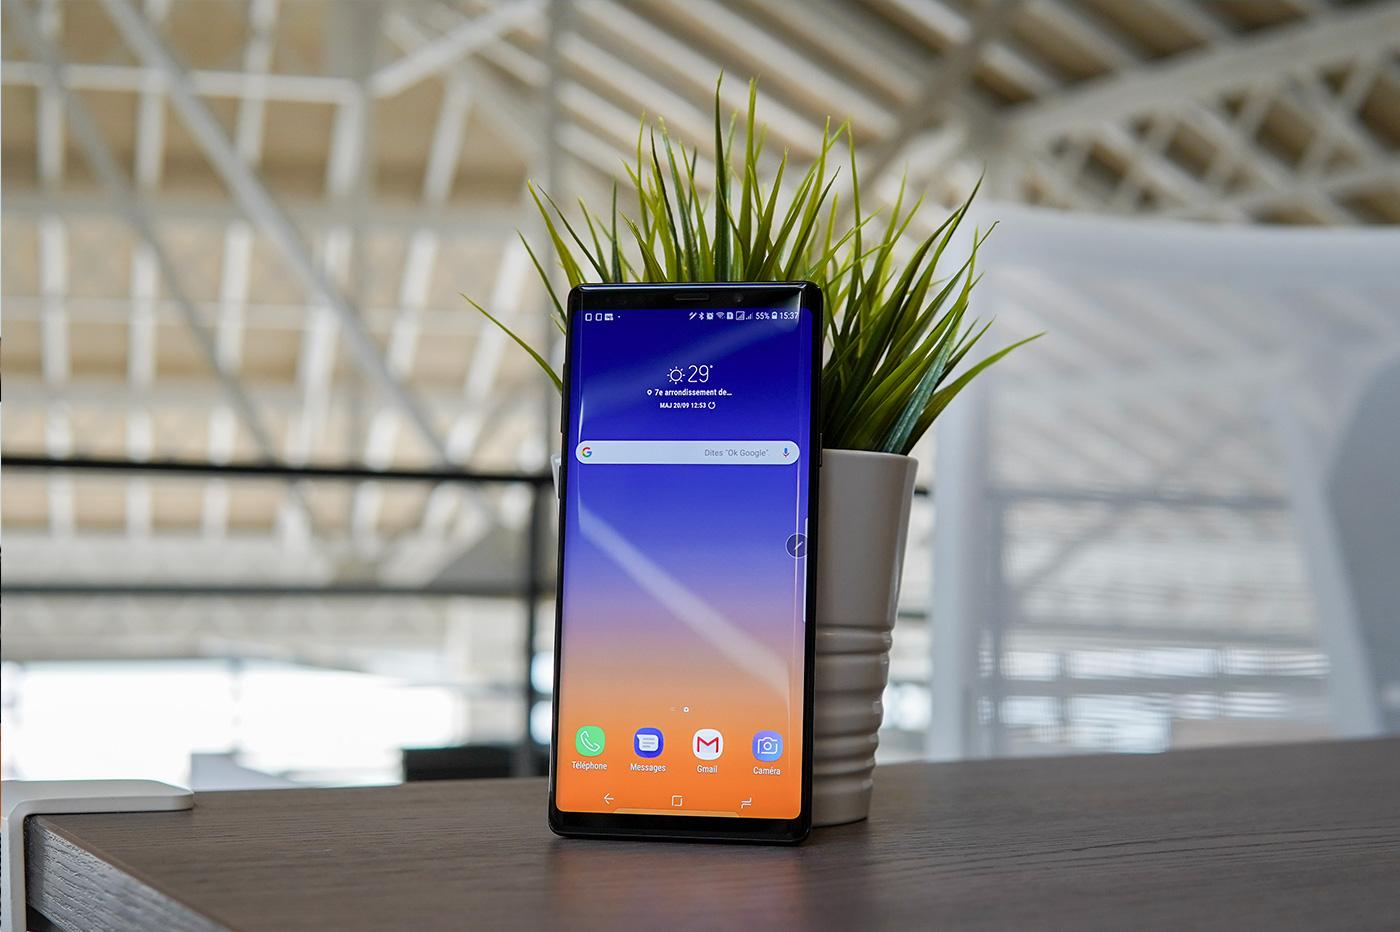 One Ui : la nouvelle interface de Samsung sortira aussi sur les Galaxy S8 et Note 8